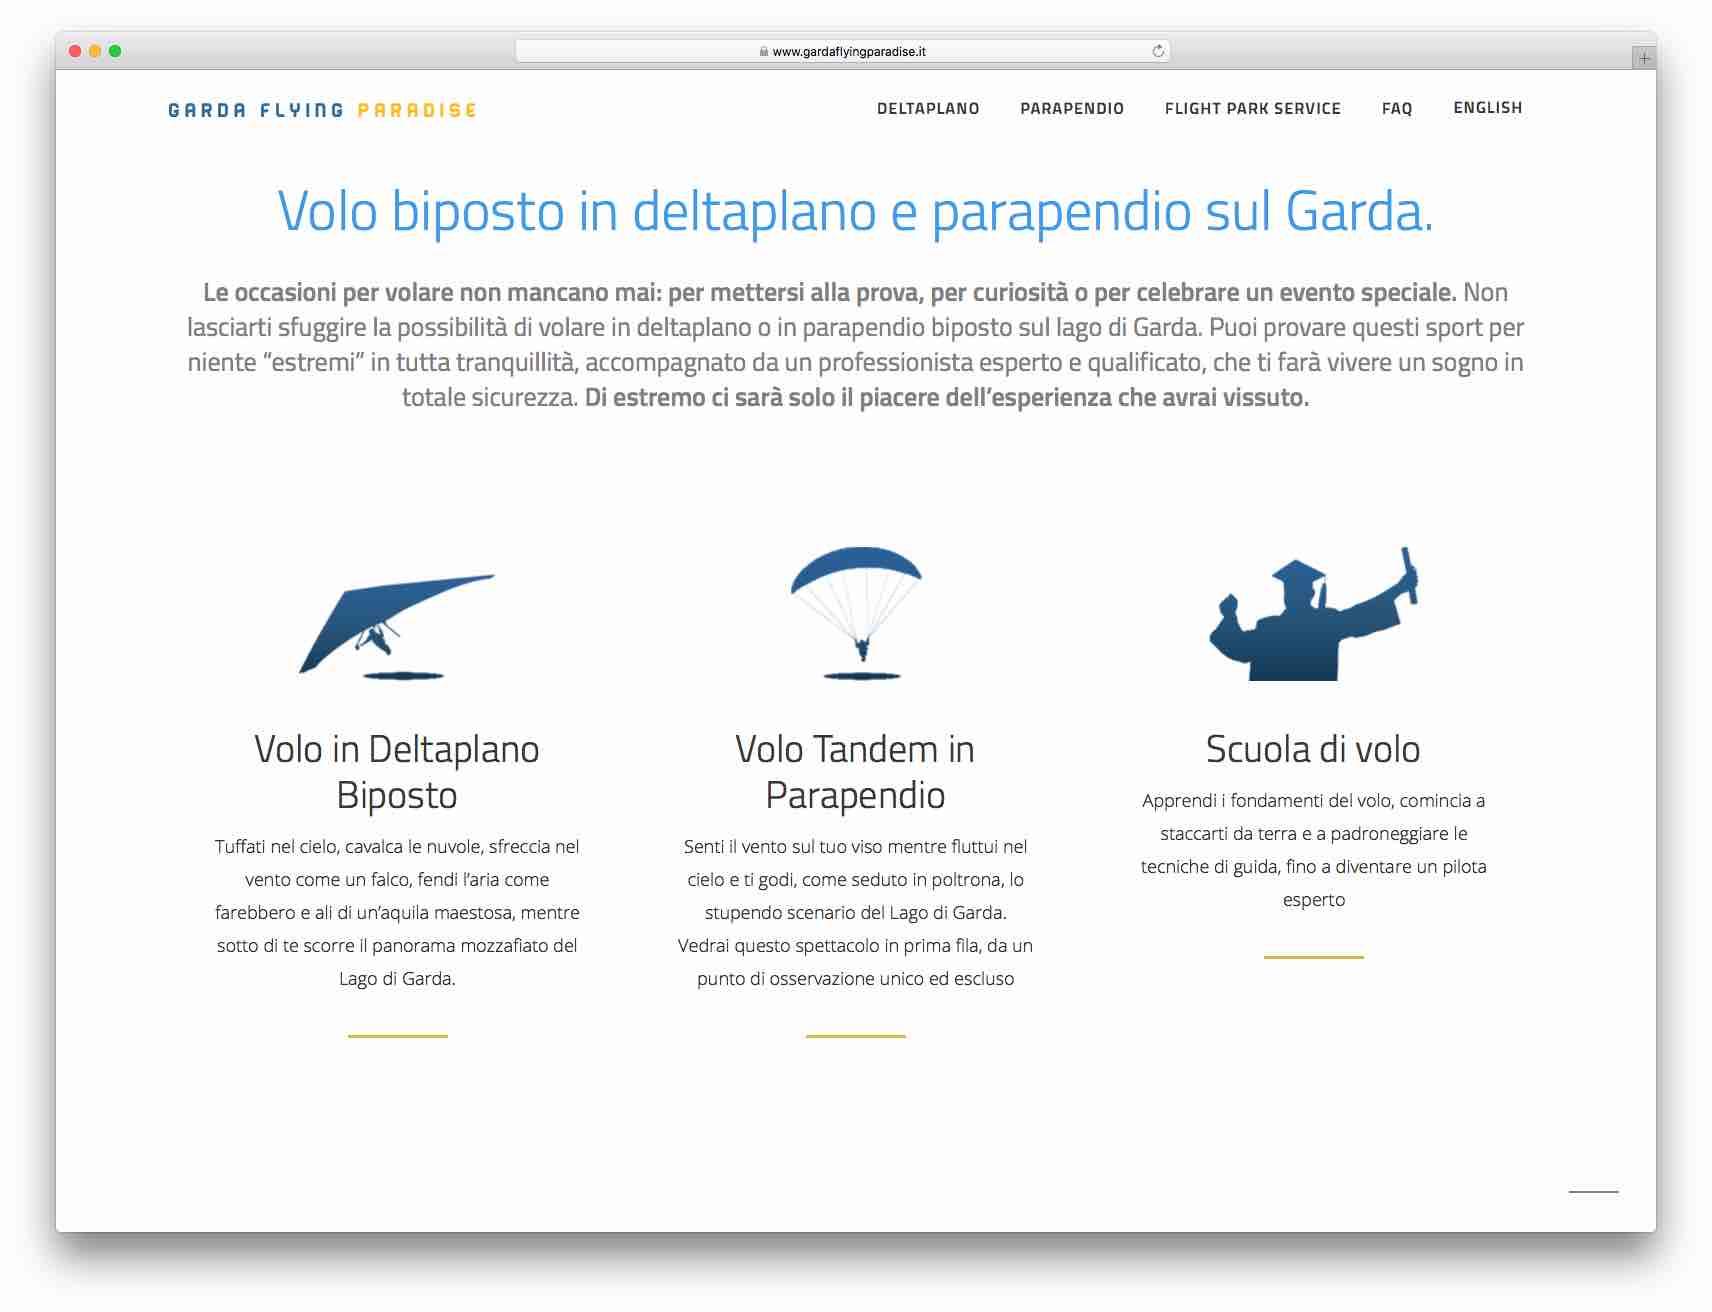 creazione siti web brescia - Sito Web Garda Flying Paradise